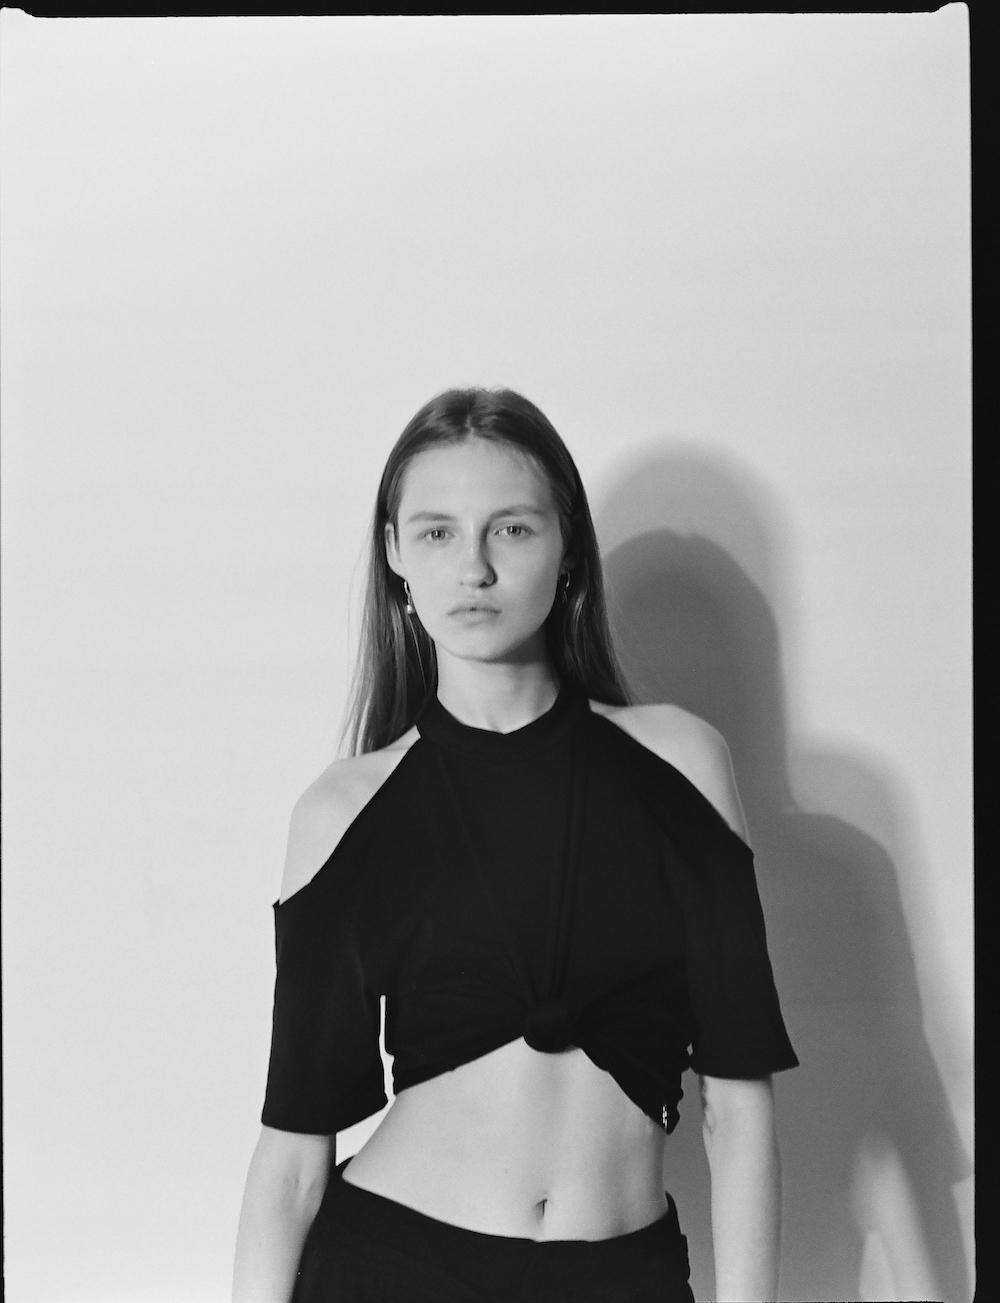 radykalnie-czarna-kolekcja-ani-kuczynskiej-body-image-1490608870.jpg